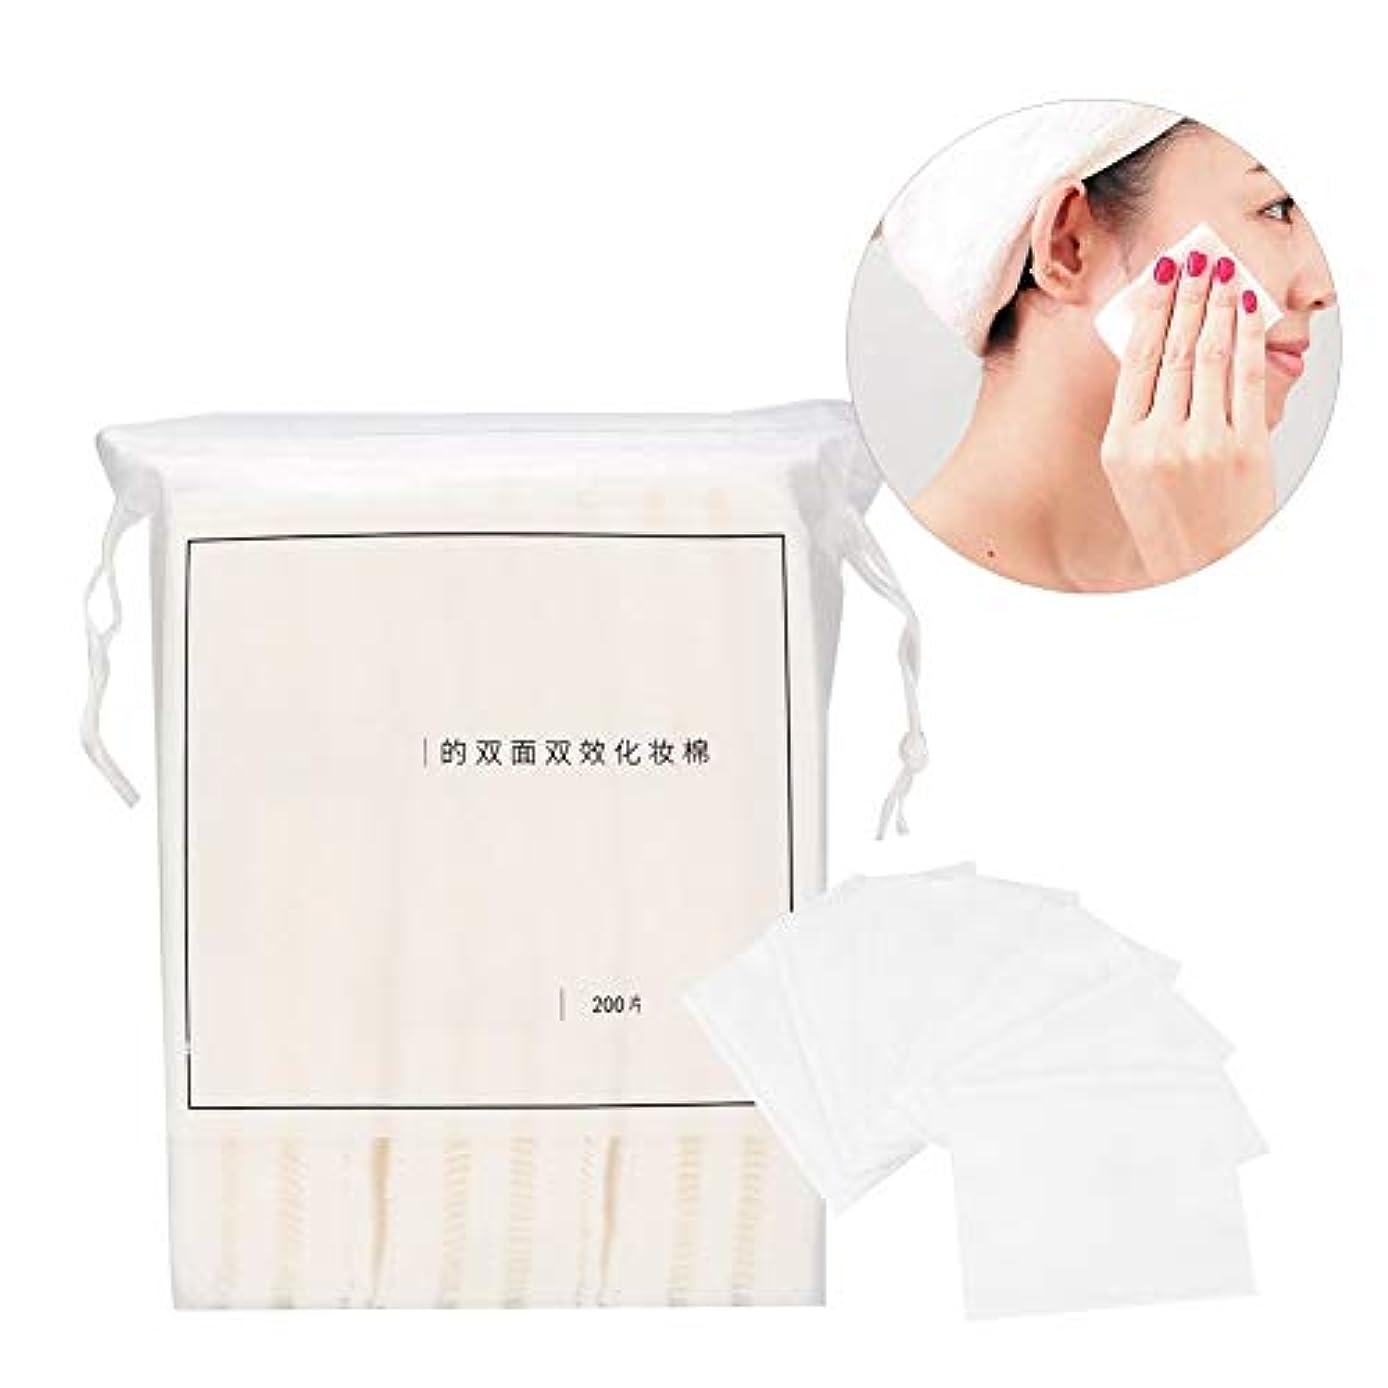 嬉しいですひねくれたチャンピオン200個の化粧落としパッド、肌の角質除去とネイルケアのための両面と乾式の湿式デュアルユースコットンパッド、やわらかい涙抵抗の保水化粧品用綿(2)